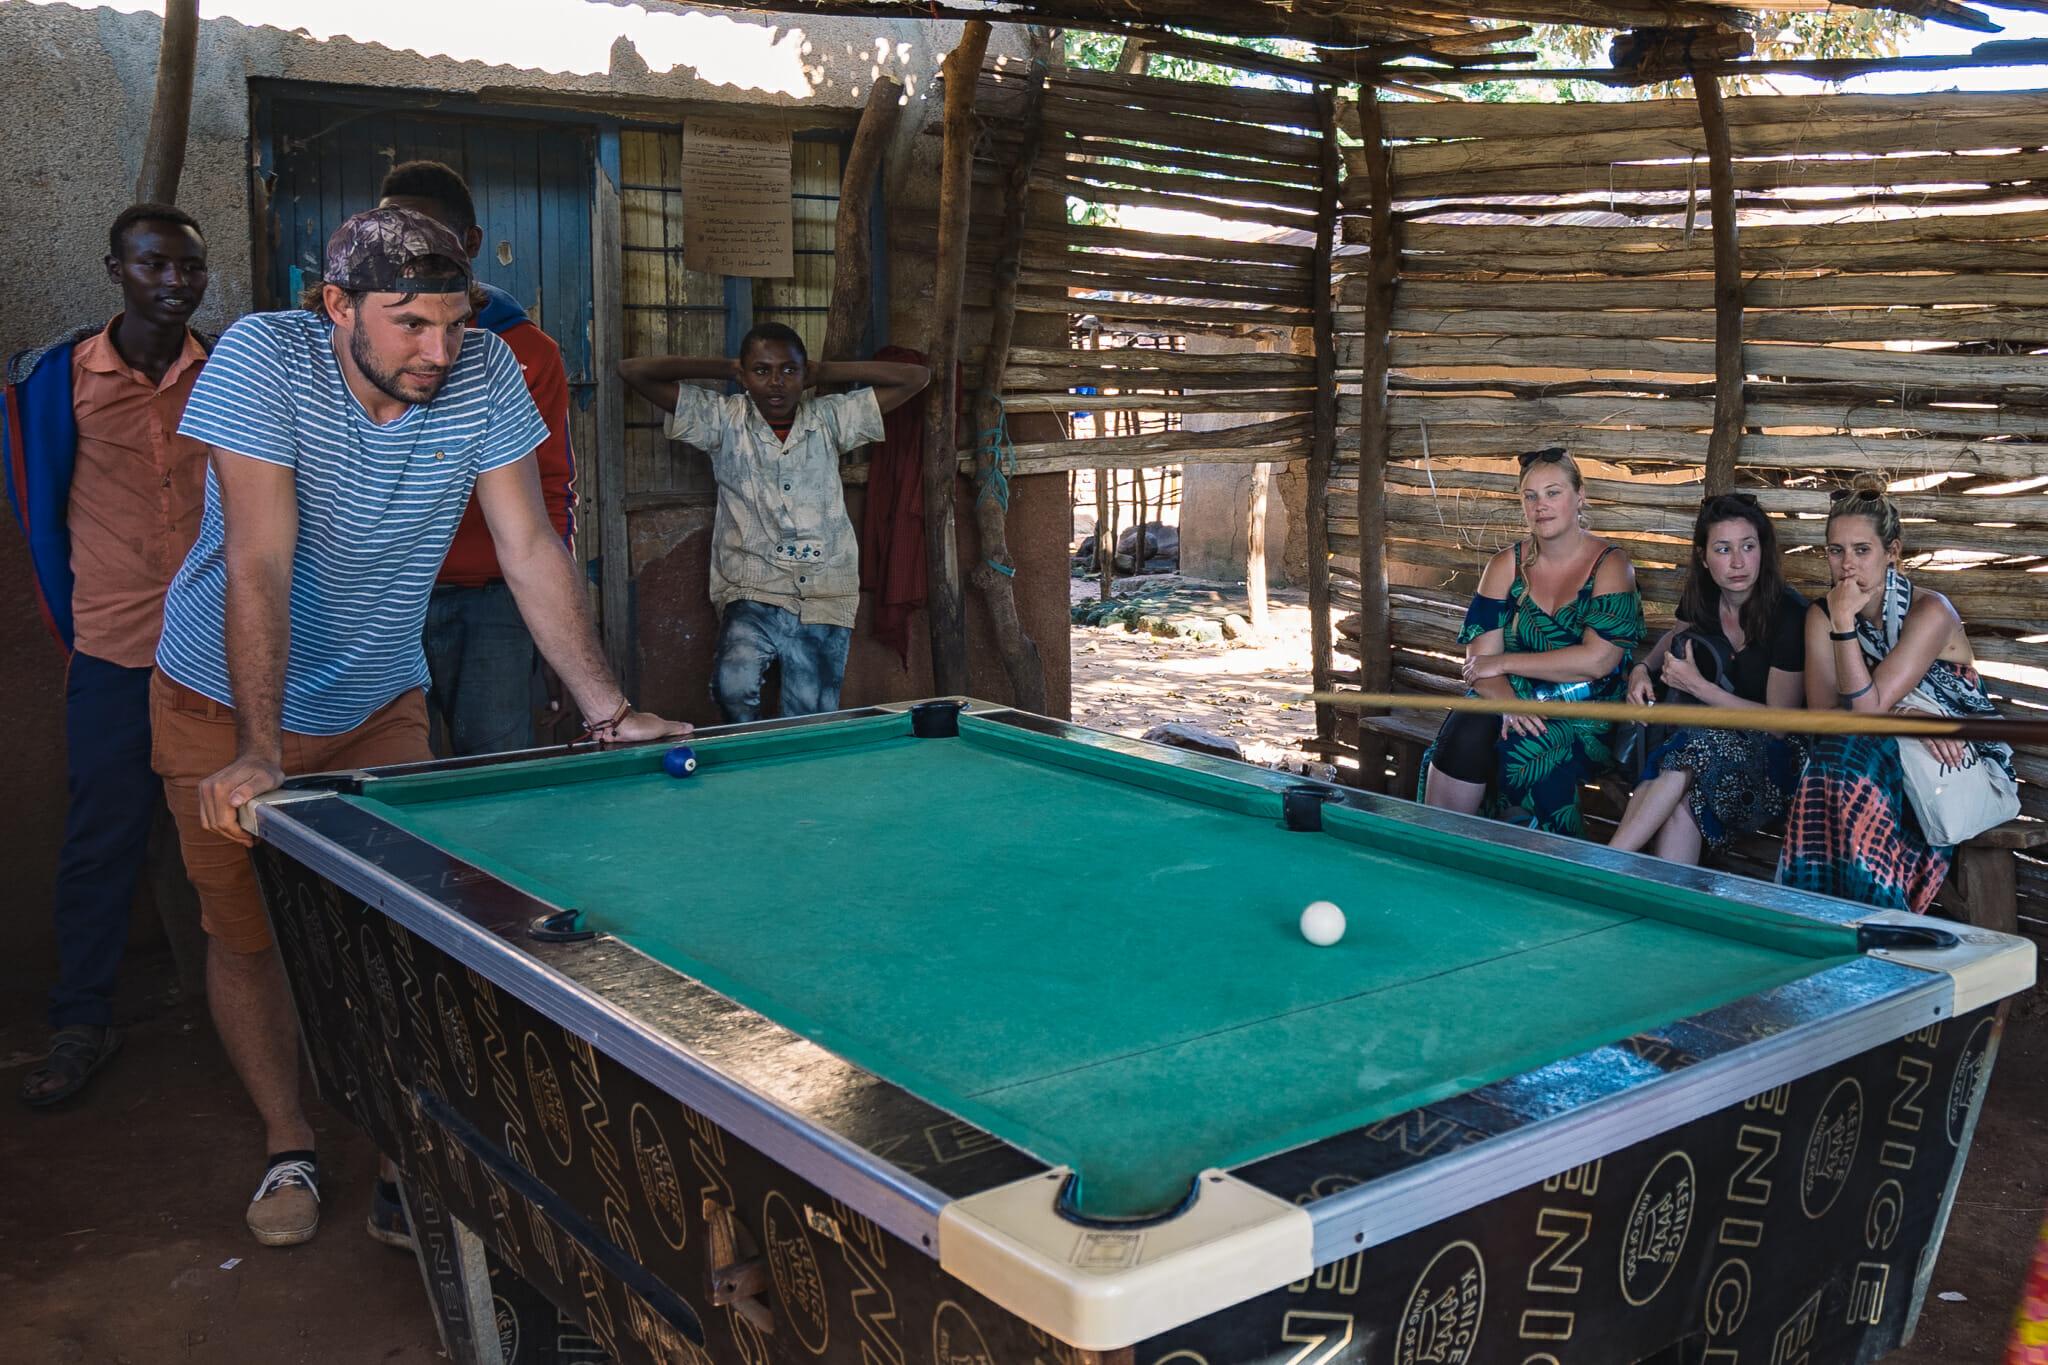 Partie de billard lors de l'immersion dans le village d'Endallah en Tanzanie